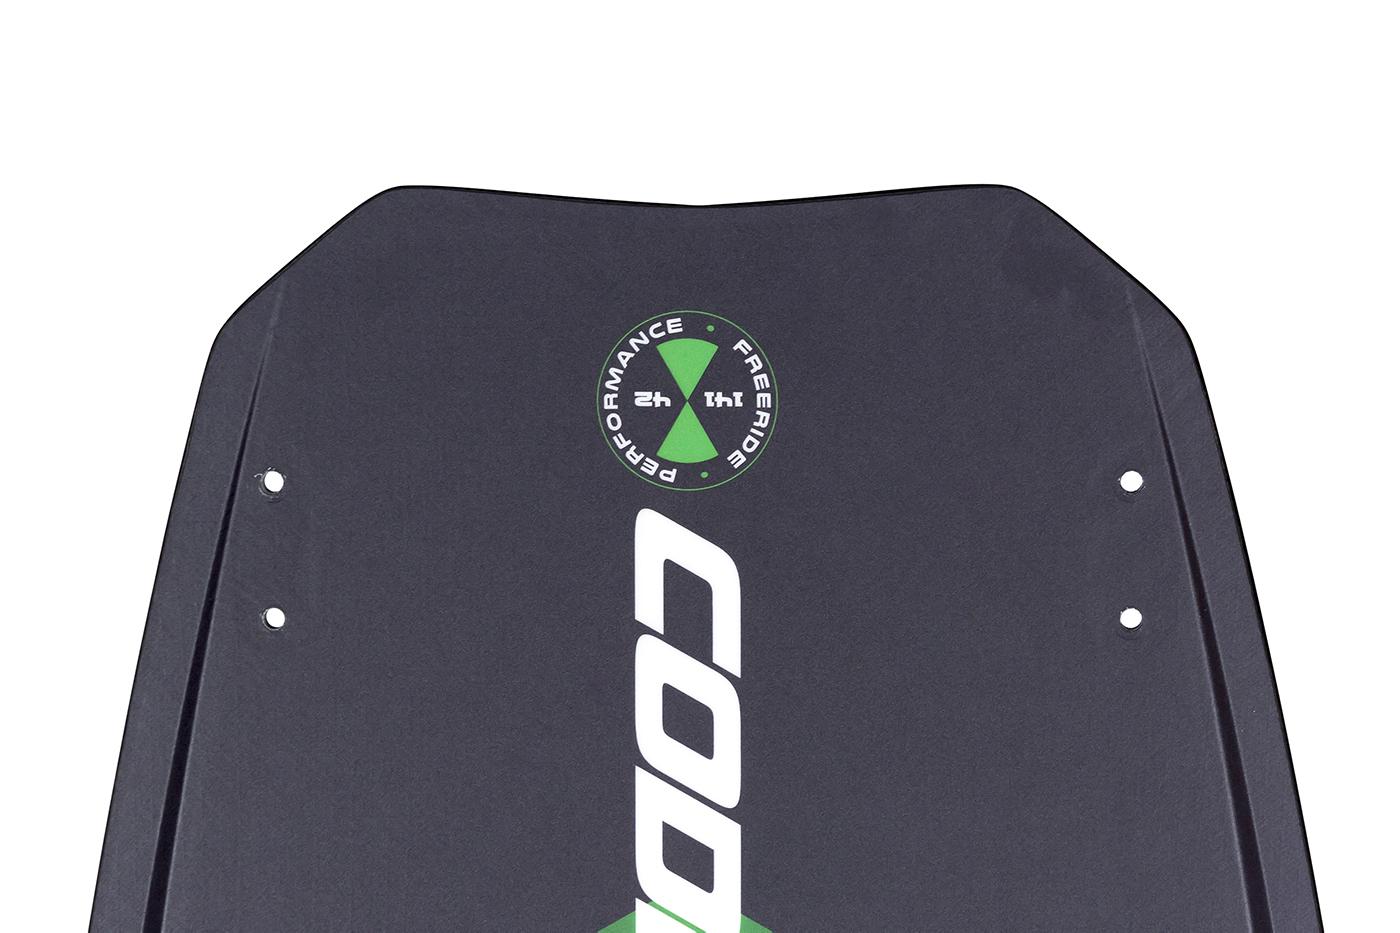 ozone-code-v1-4